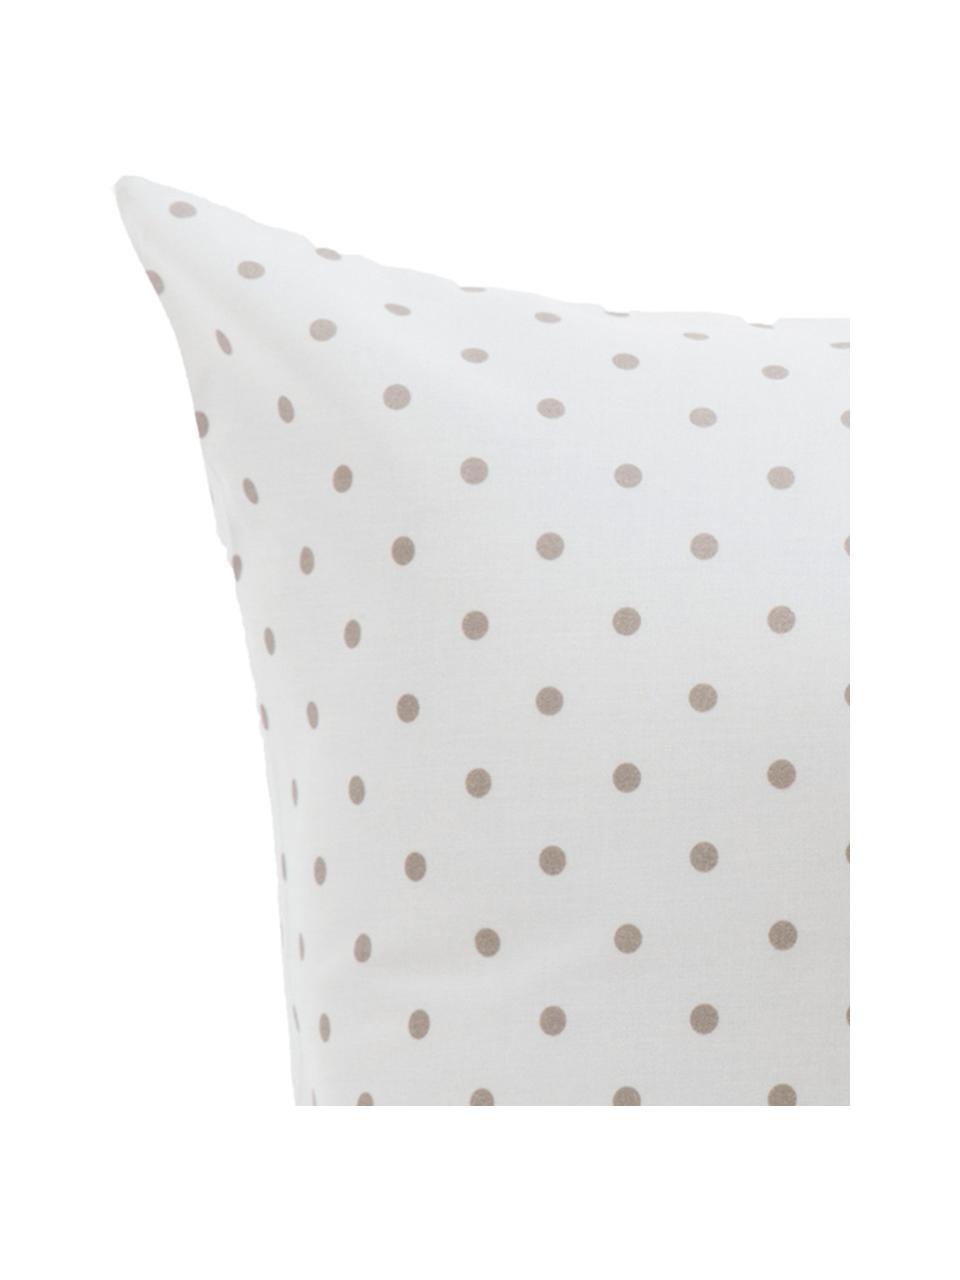 Parure copripiumino in cotone Lilca, Cotone, Fronte: grigio, bianco Retro: bianco, 200 x 200 cm + 2 federe 50 x 80 cm